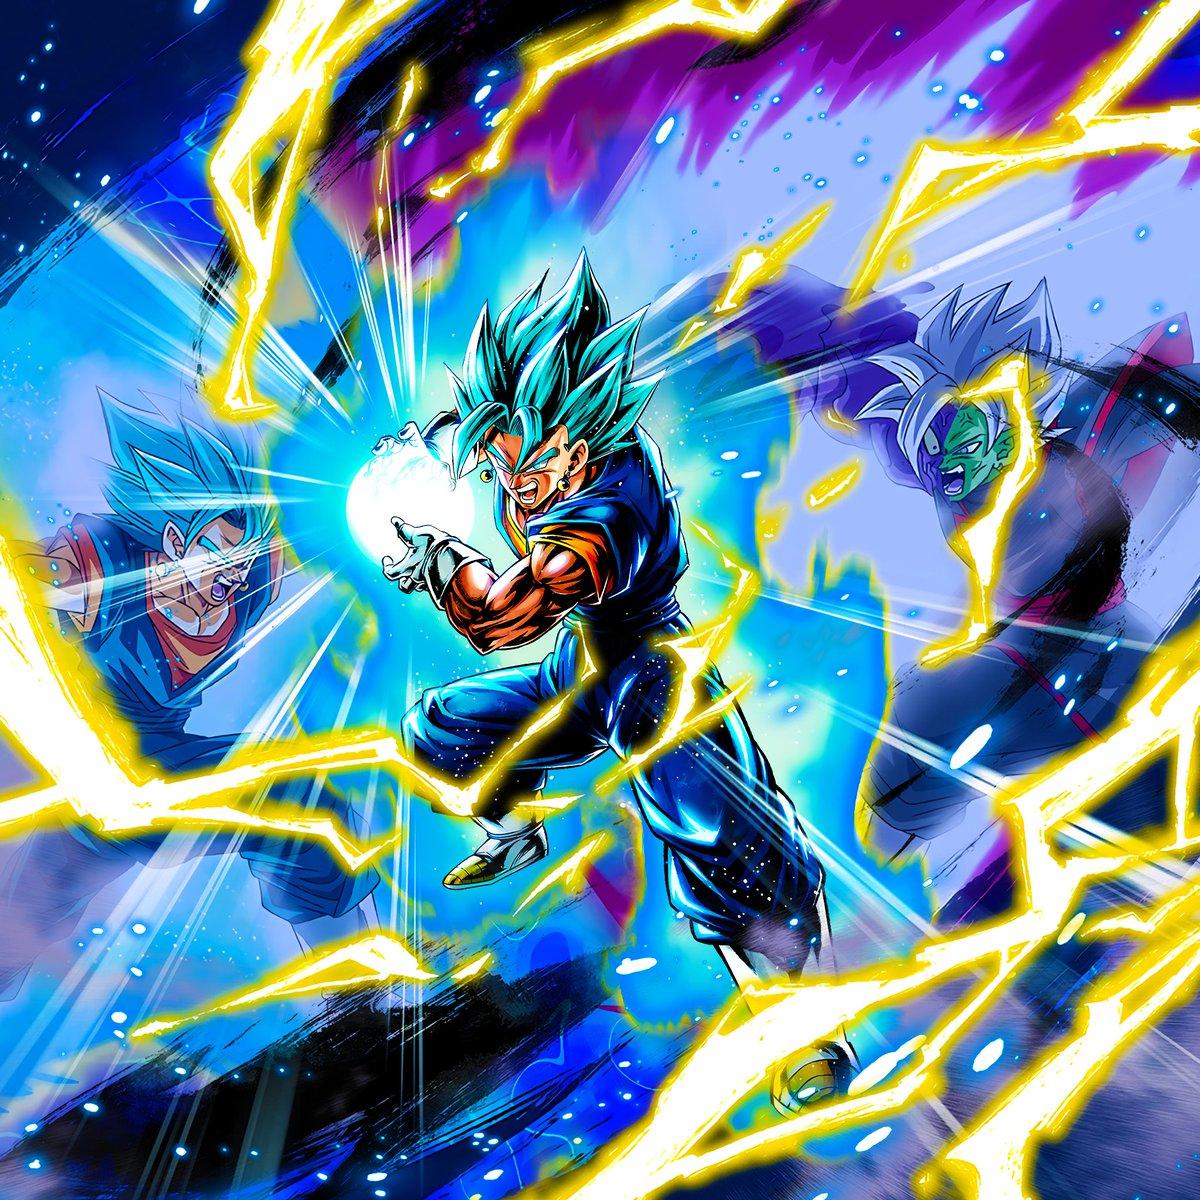 Legends Limited Super Saiyan God SS ...